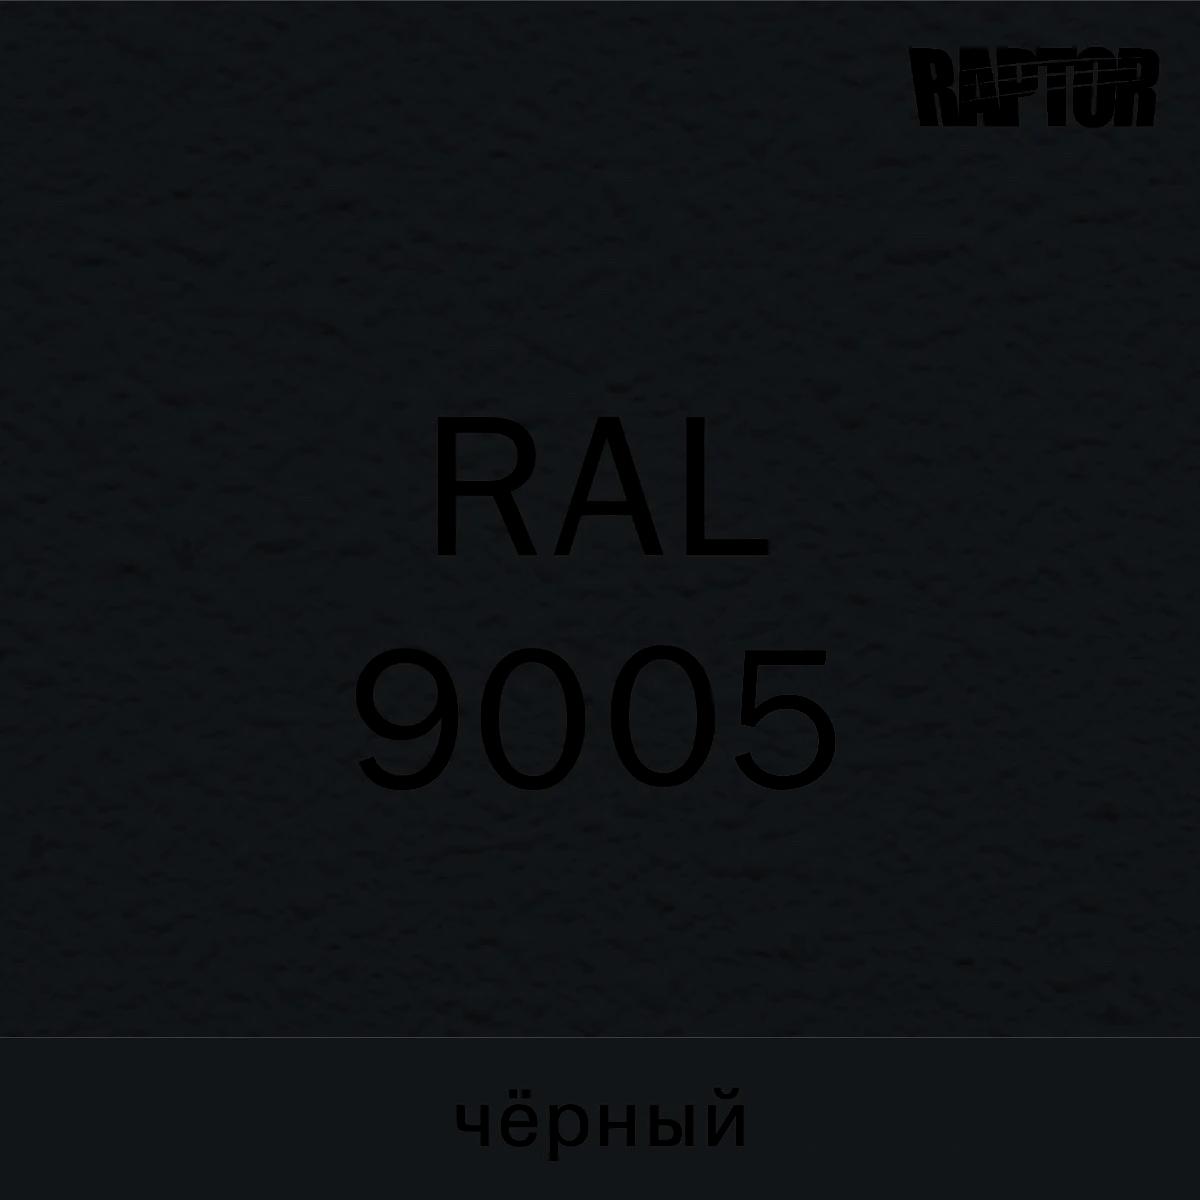 Пигмент для колеровки покрытия RAPTOR™ Черный (RAL 9005)